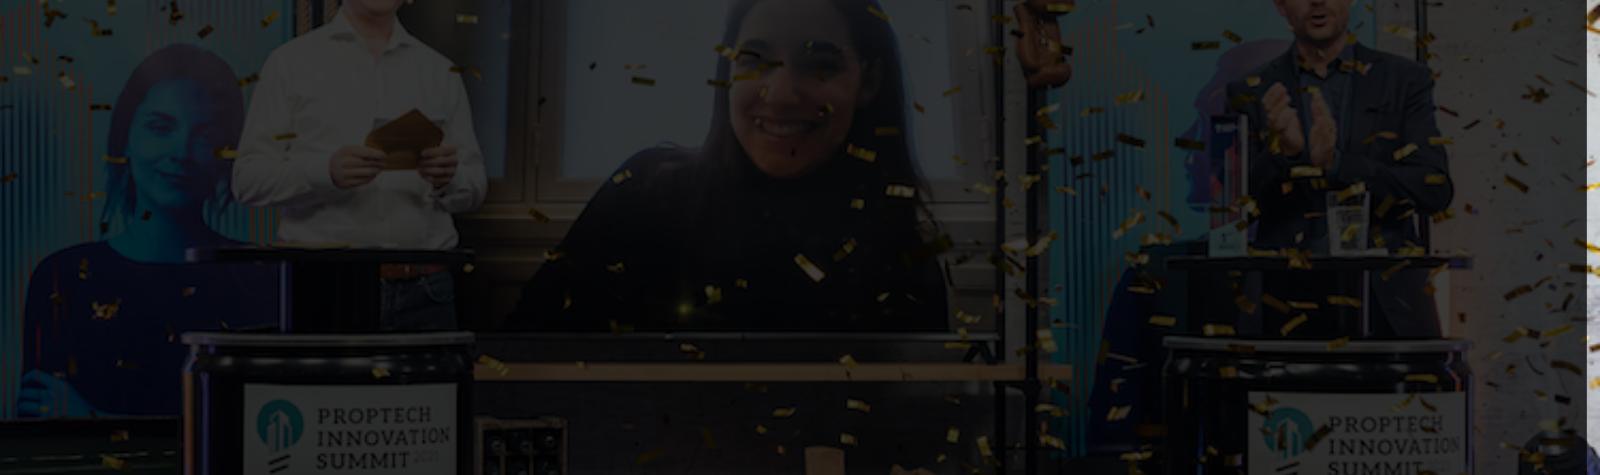 L'entreprise française Wishibam remporte le PropTech Innovation Award 2021